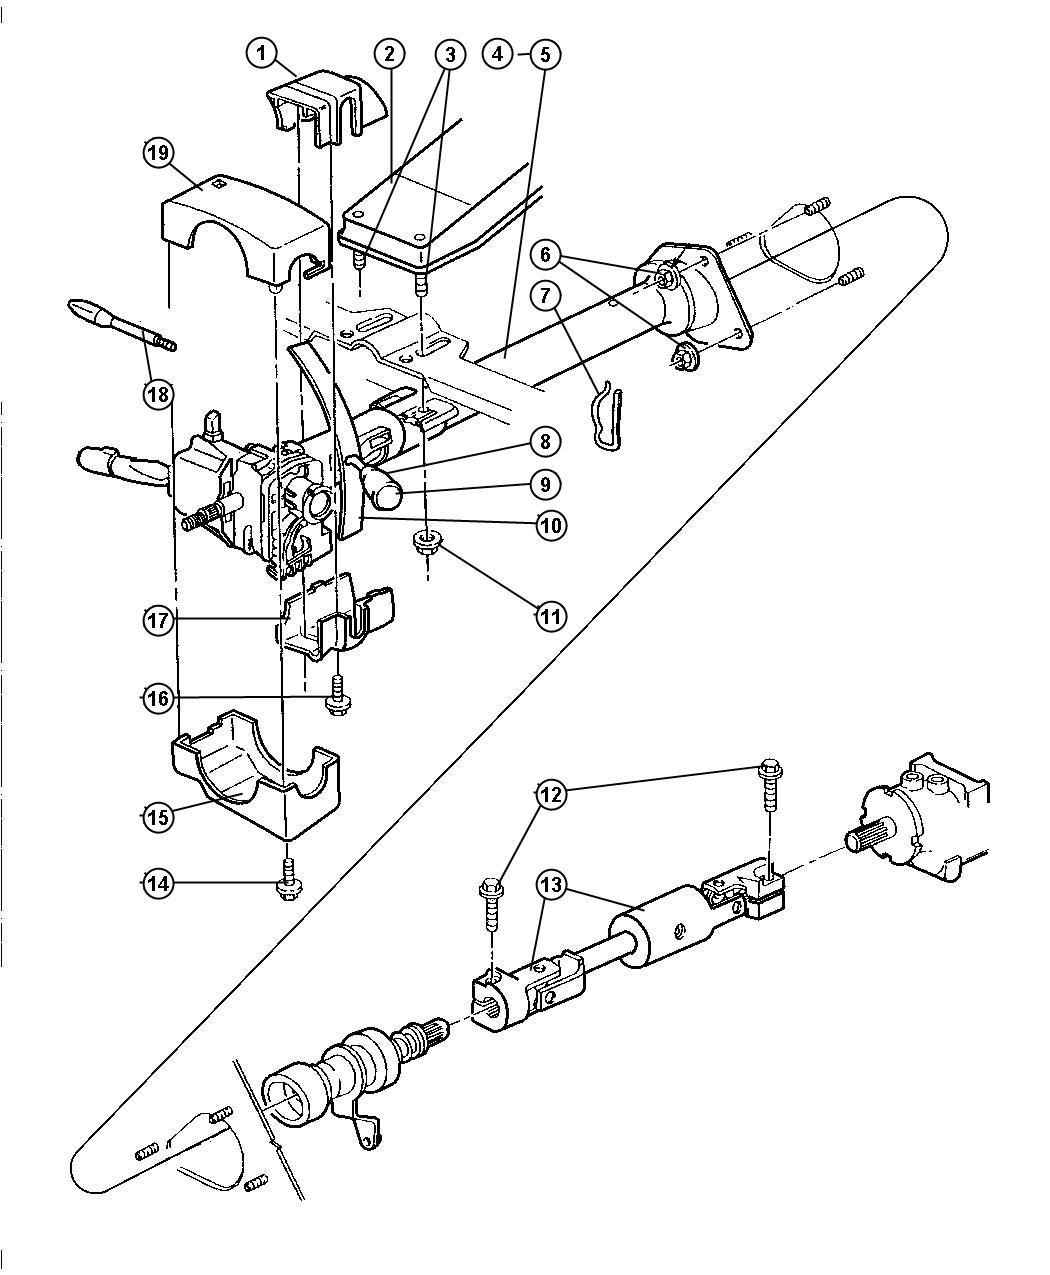 1995 Jeep Wrangler Switch  Ignition  Upto 10-1-97